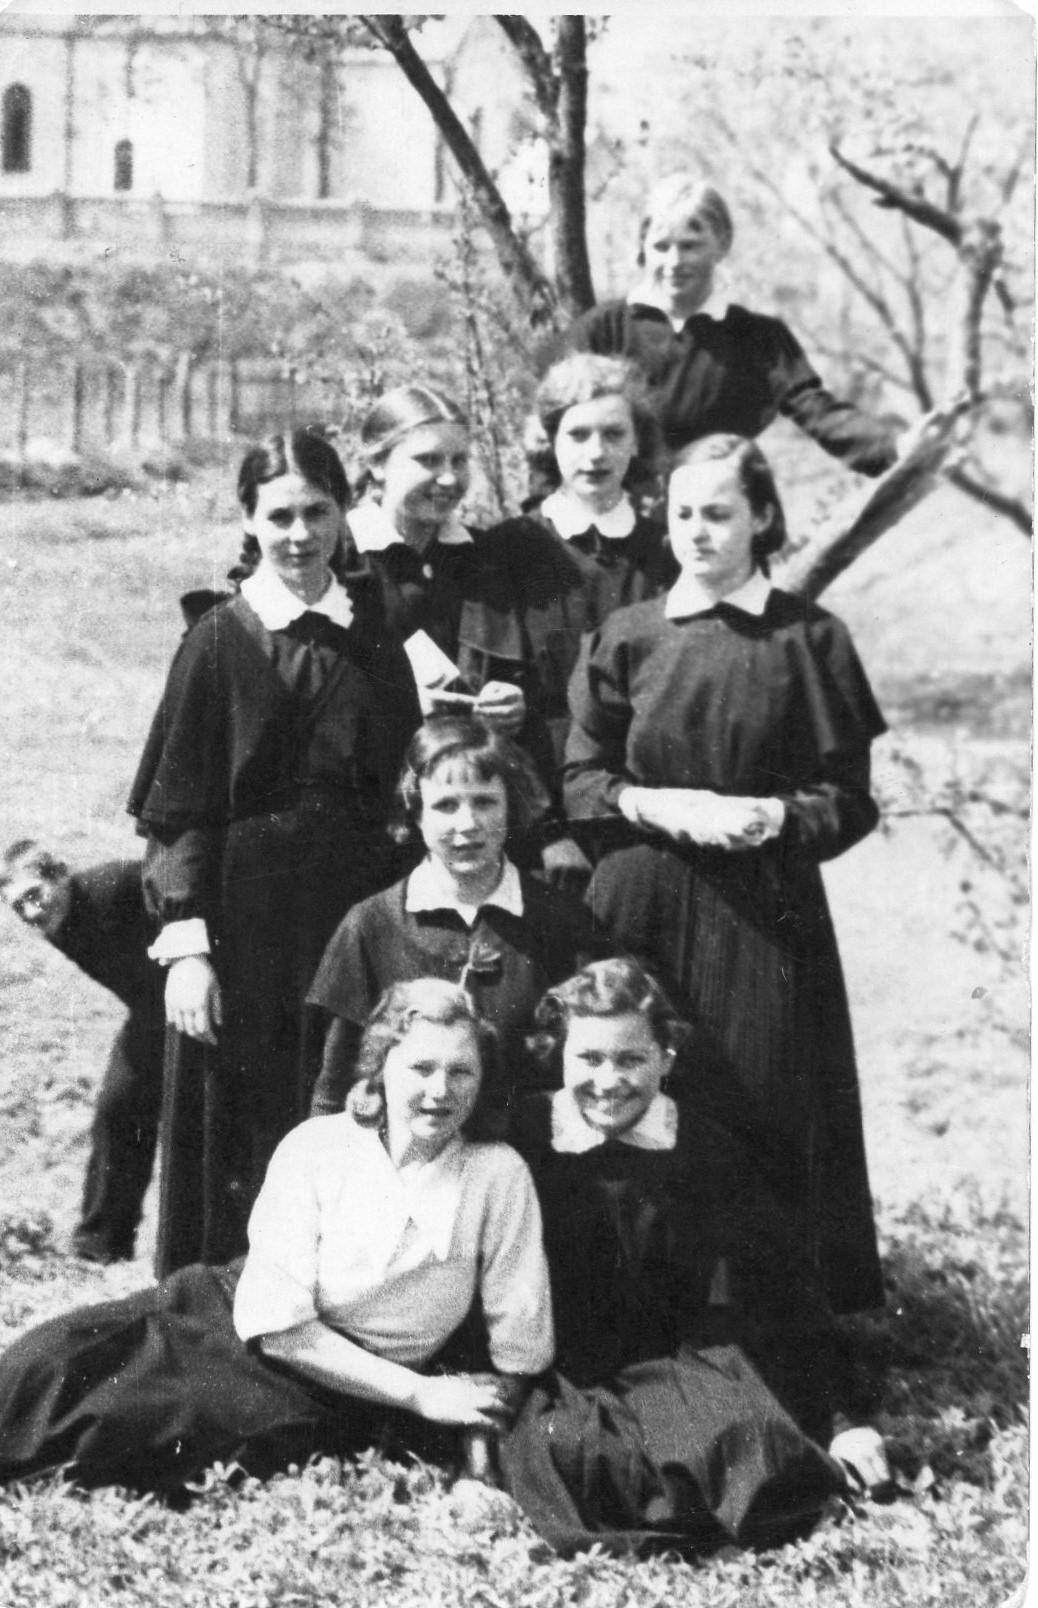 Mokslo metų pabaiga. Su 5-os klasės draugėmis. Vilkaviškis, 1936 m.